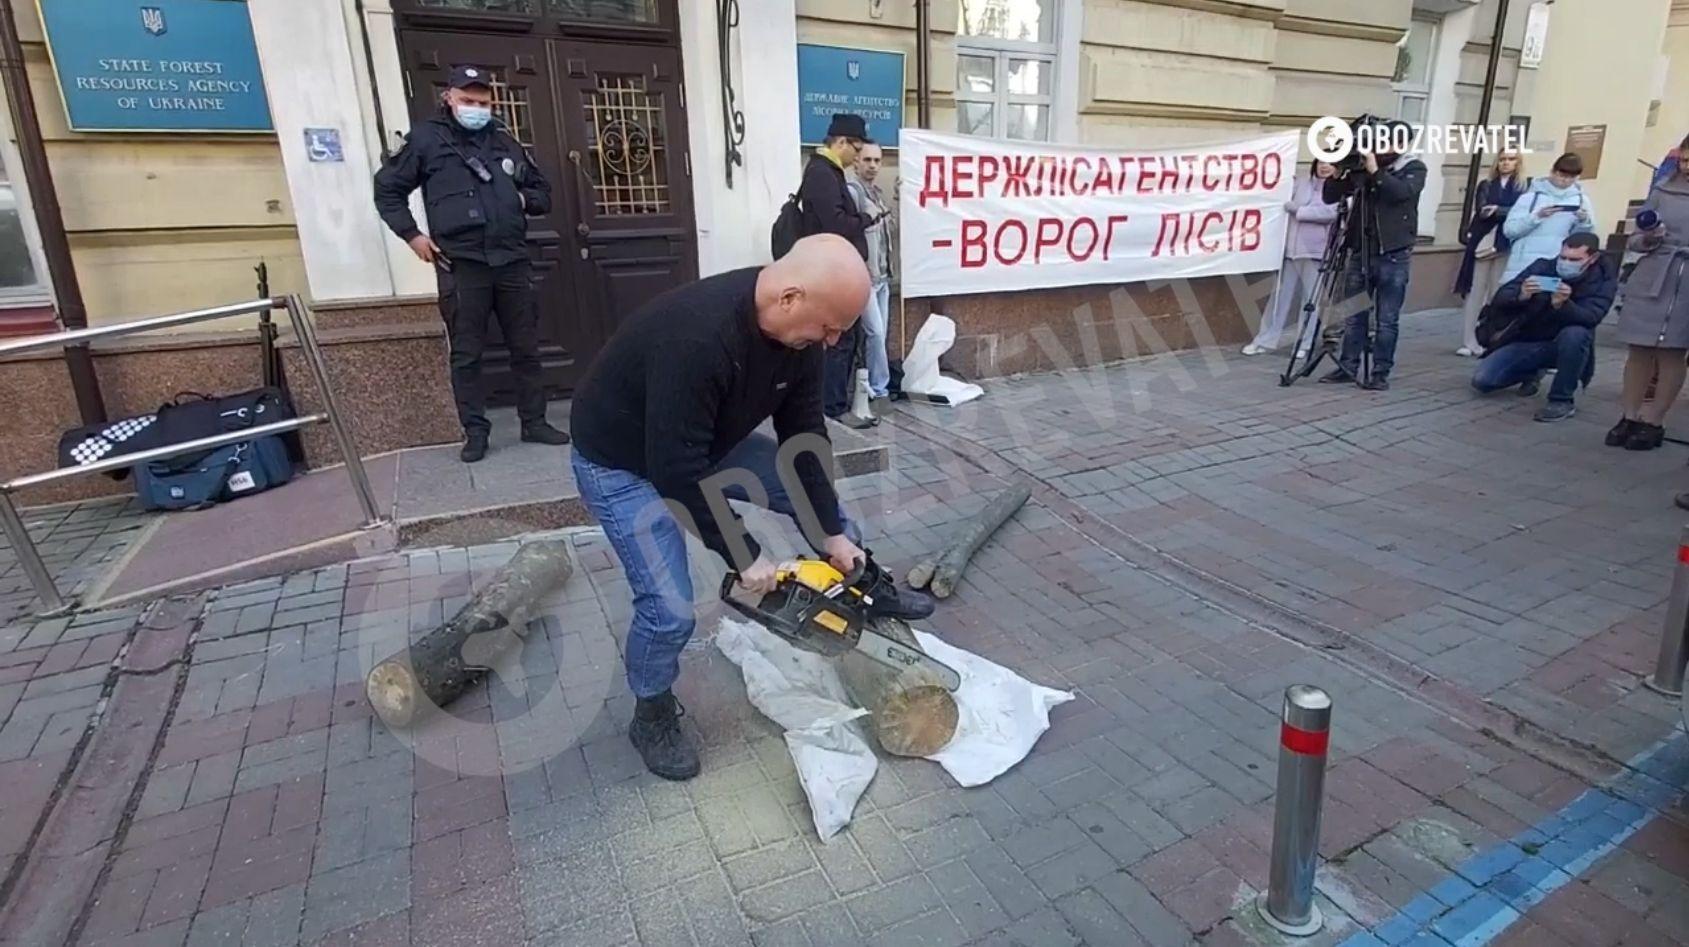 Активисты использовали бензопилу